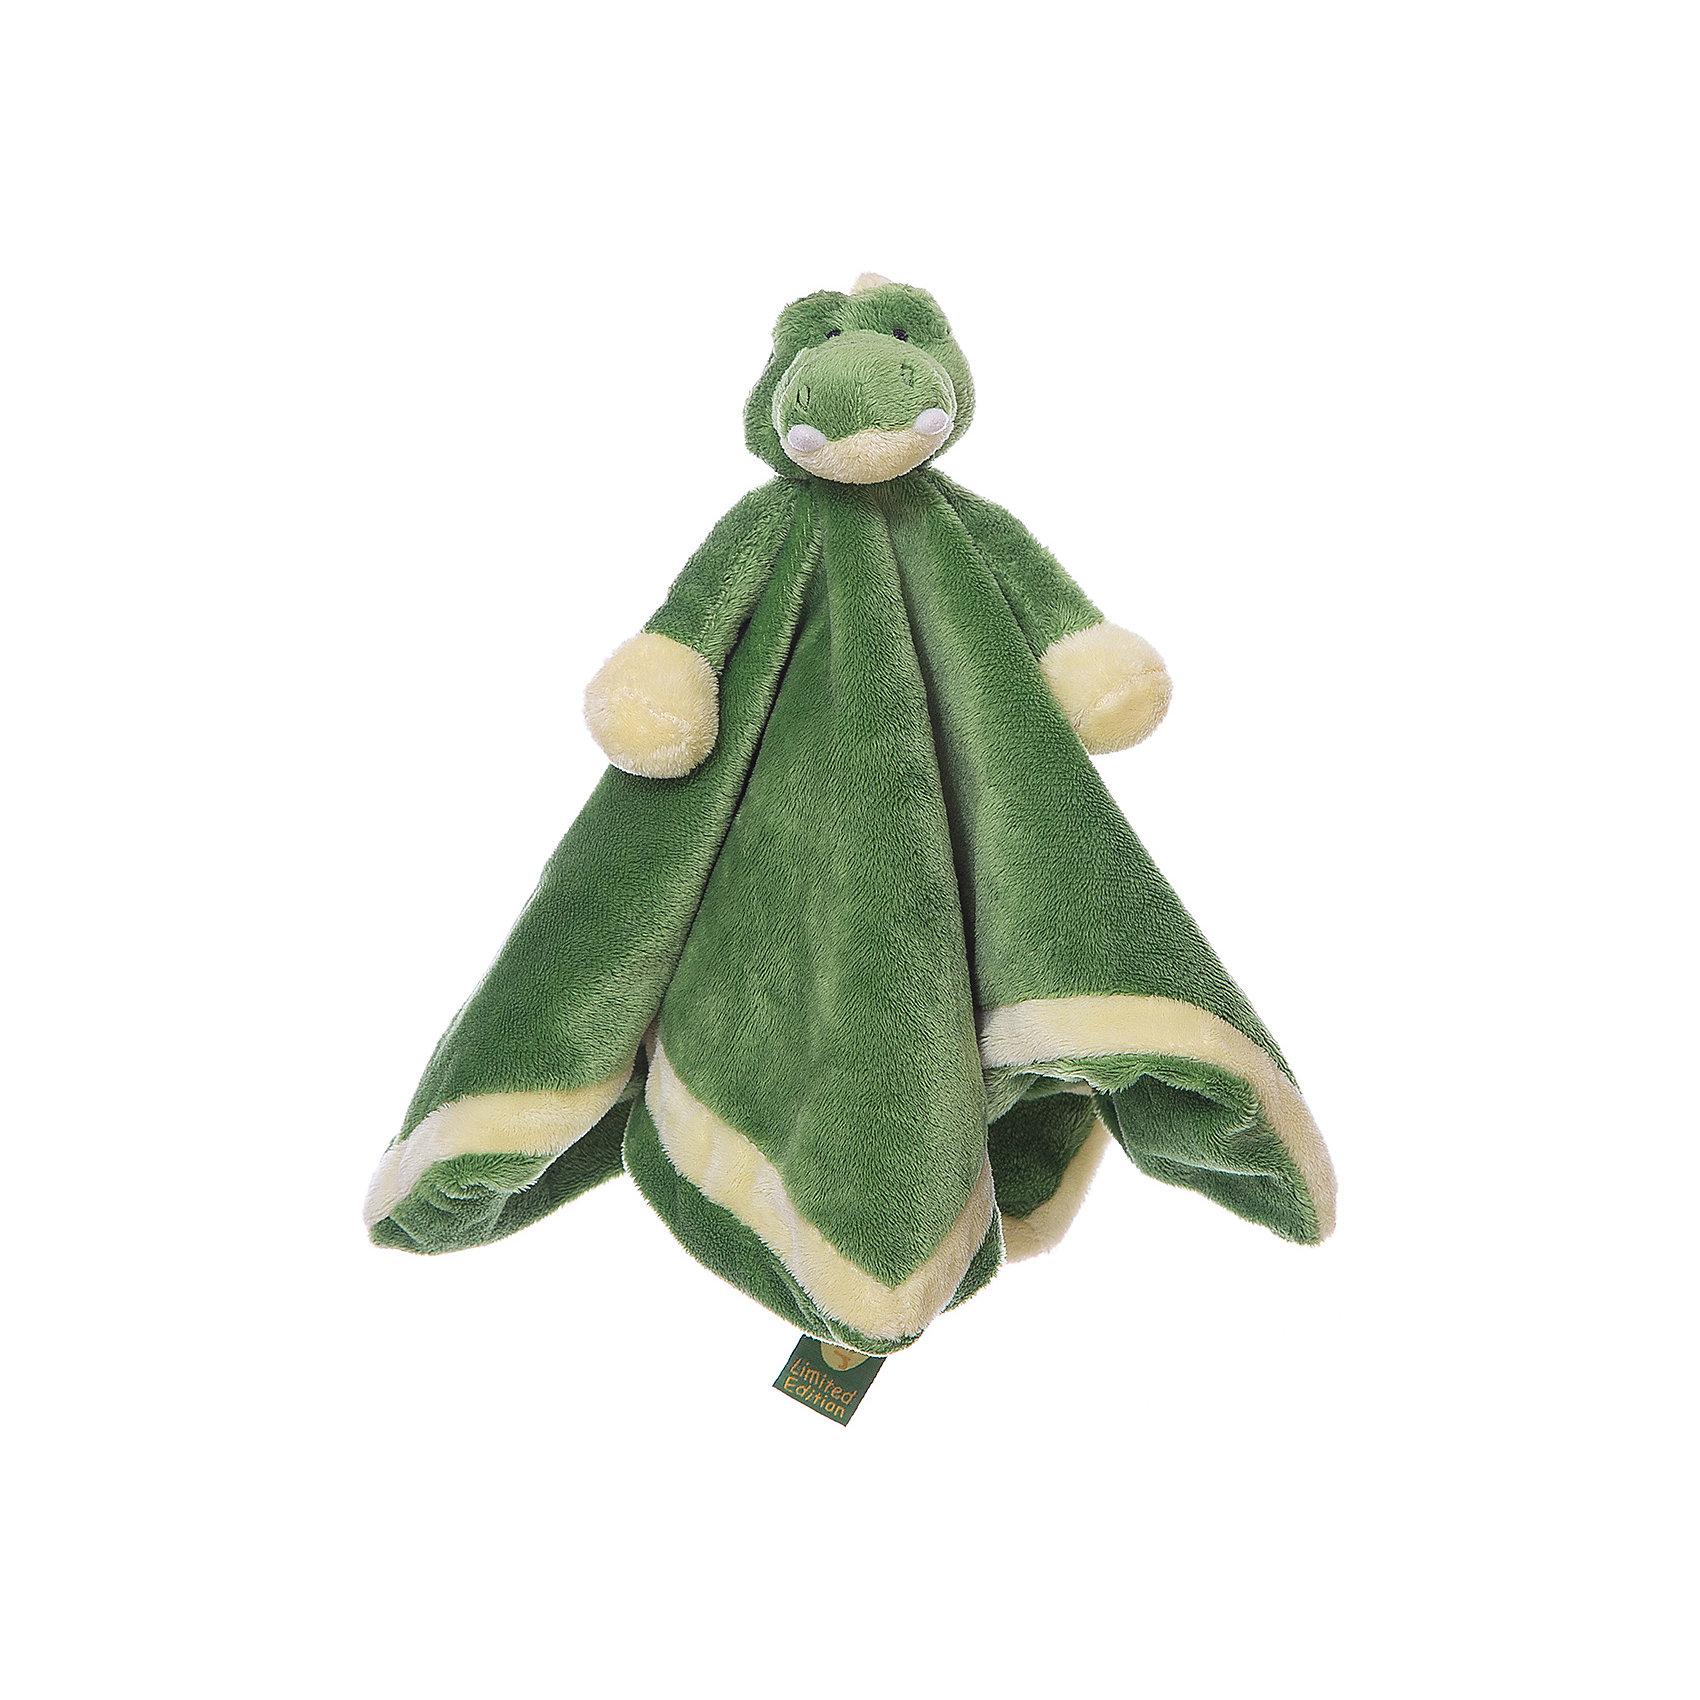 игрушка-салфетка Крокодил (LE), ДинглисарИгрушки-платочки<br>Характеристики мягкой игрушки Teddykompaniet: <br><br>• размер салфетки: 35х35 см;<br>• материал: 100% хлопок (безворсовый велюр);<br>• серия: Динглисар.<br><br>Мягкая велюровая салфетка для малышей декорирована объемной мордочкой крокодильчика, которая находится в центре салфетки. Малыш теребит салфетку в ручках, прикосновения к мягкому велюровому материалу развивают тактильное восприятие крохи. Салфетка хорошо впитывает влагу, ее можно использовать на этапе прорезывания зубок, когда у малыша обильное слюноотделение. <br><br>В процессе игры развивается мелкая моторика пальчиков, цветовосприятие, тактильное восприятие. <br><br>Игрушку-салфетку Крокодил, Динглисар можно купить в нашем интернет-магазине.<br><br>Ширина мм: 100<br>Глубина мм: 50<br>Высота мм: 100<br>Вес г: 100<br>Возраст от месяцев: 0<br>Возраст до месяцев: 12<br>Пол: Унисекс<br>Возраст: Детский<br>SKU: 5219516